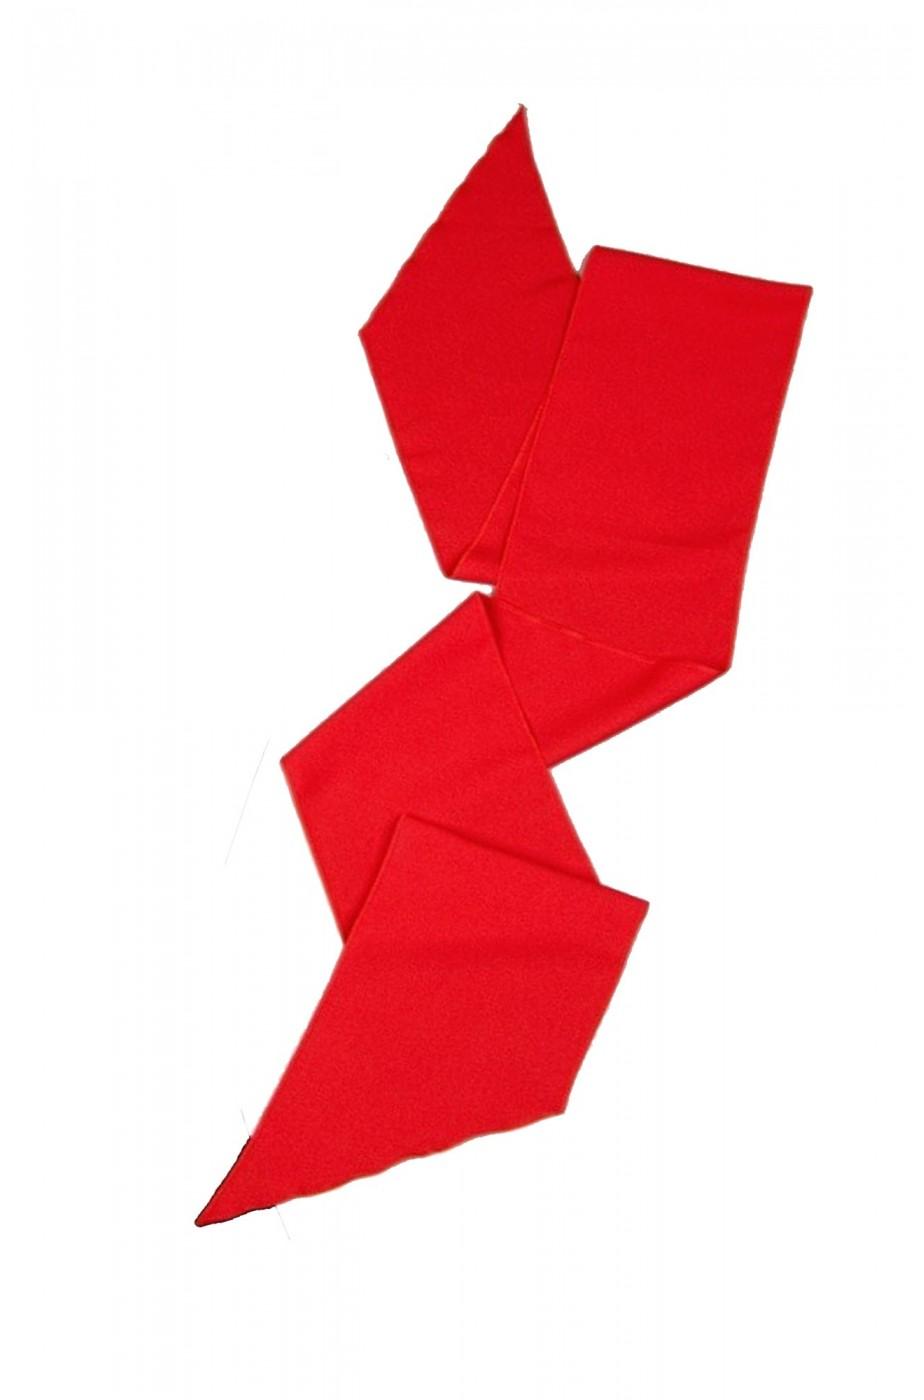 Fascia rossa per pirati o principi lunga 2 m